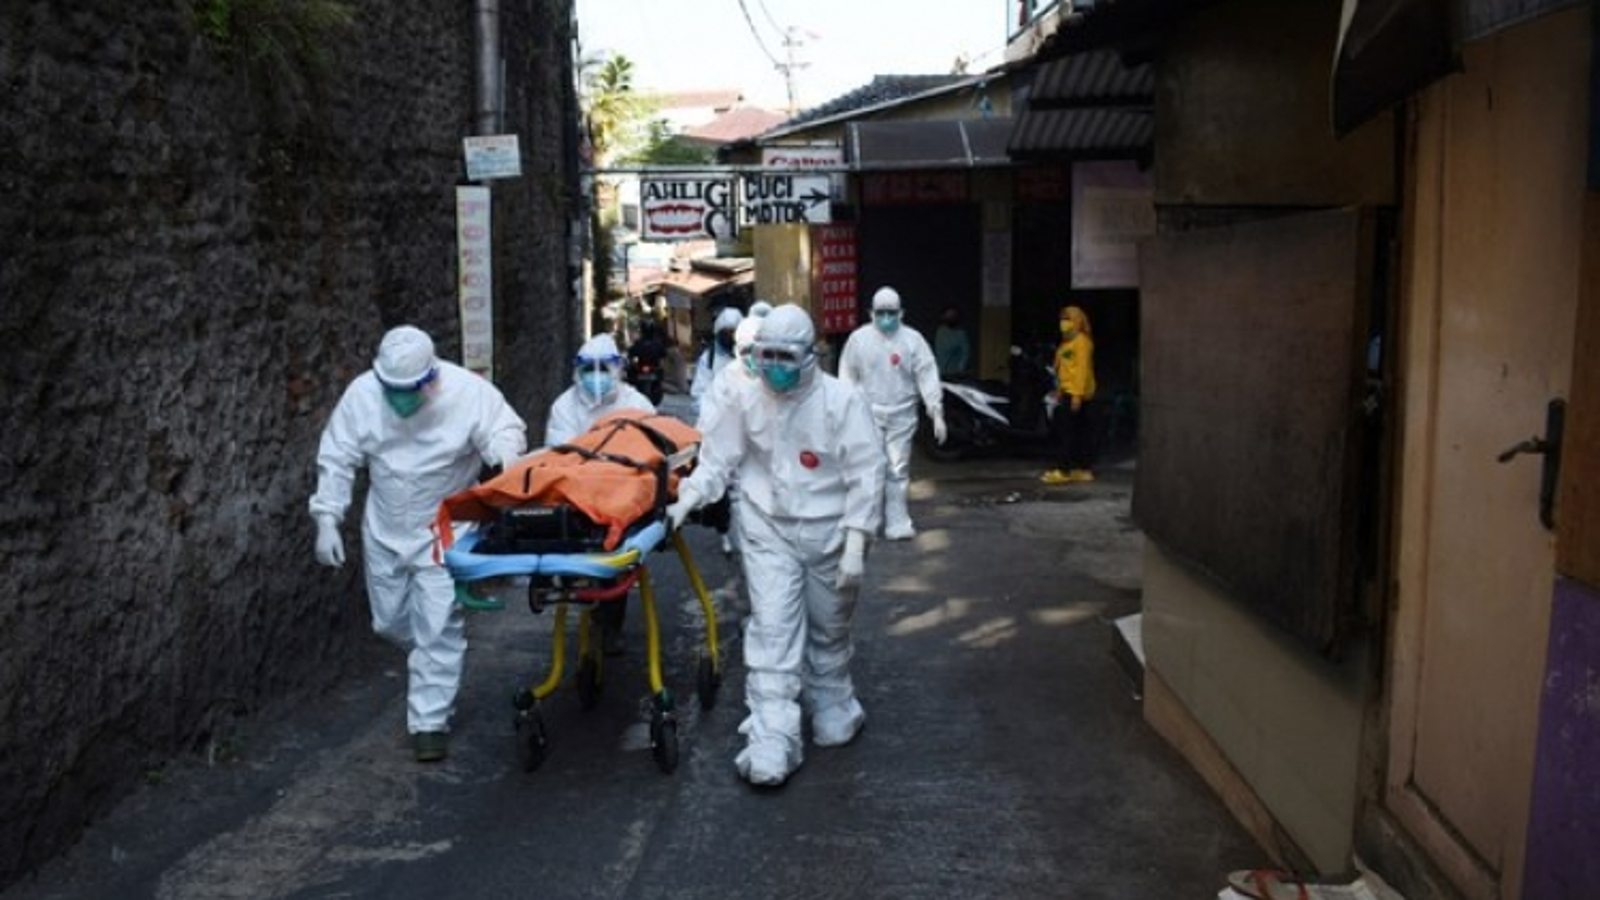 Hơn 3 triệu ca mắc Covid-19, hệ thống y tế Indonesia kiệt quệ